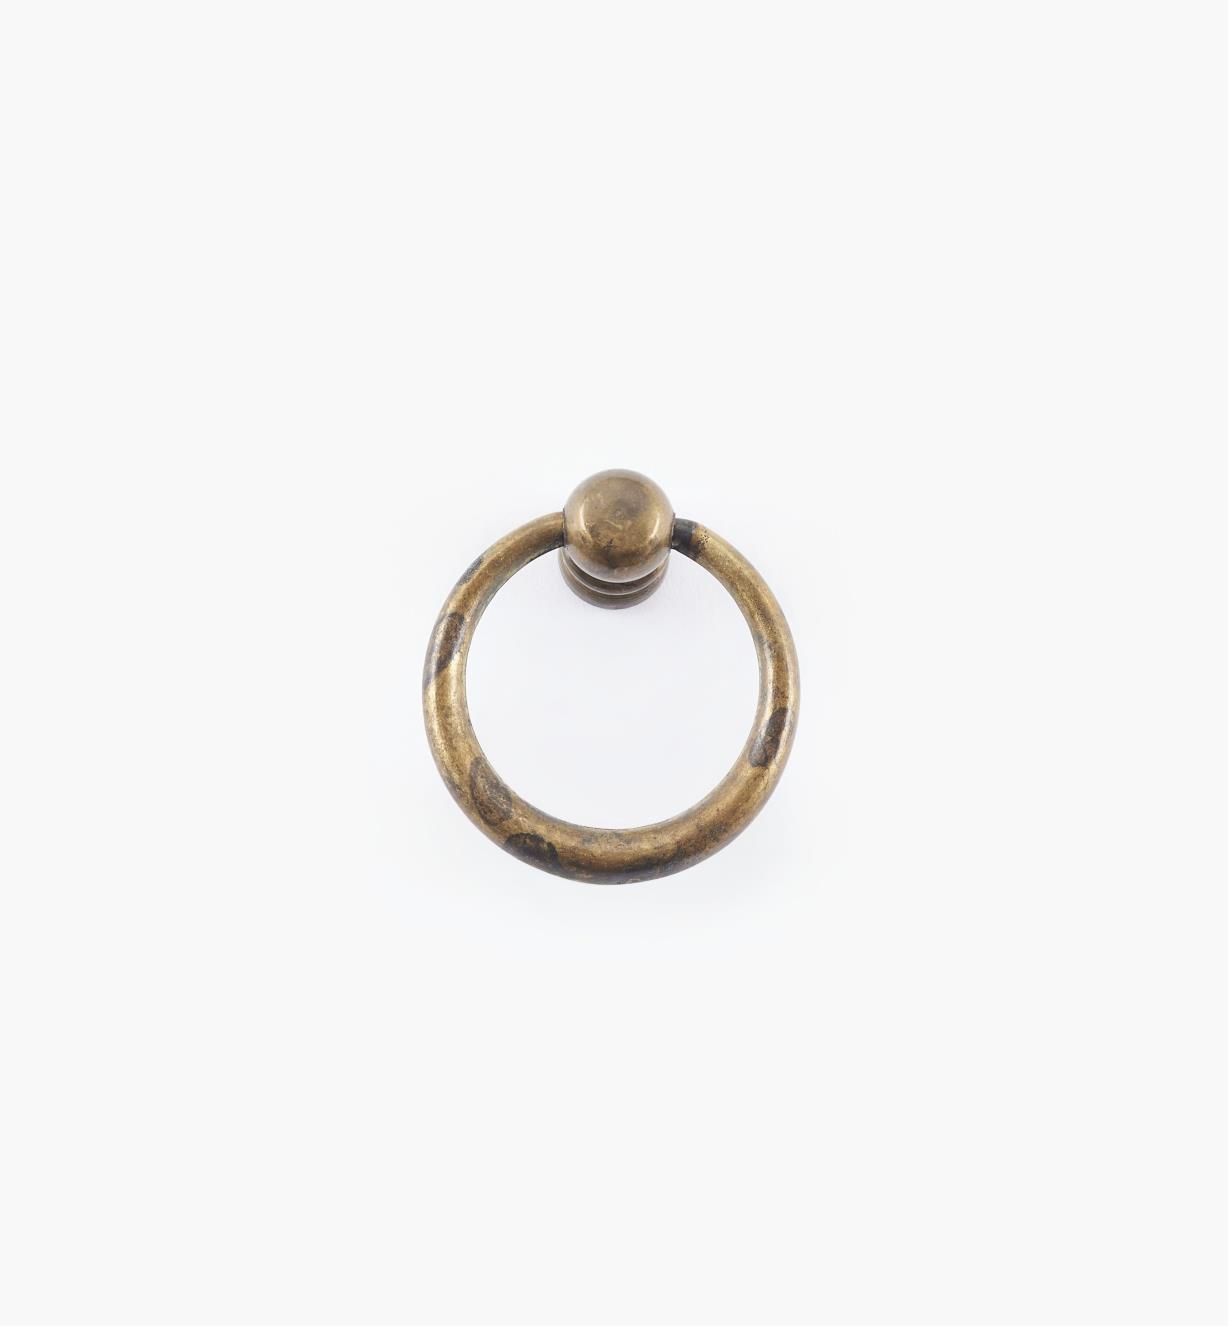 01A2322 - Poignée à anneau fuselé simple, 33 mm x 36 mm